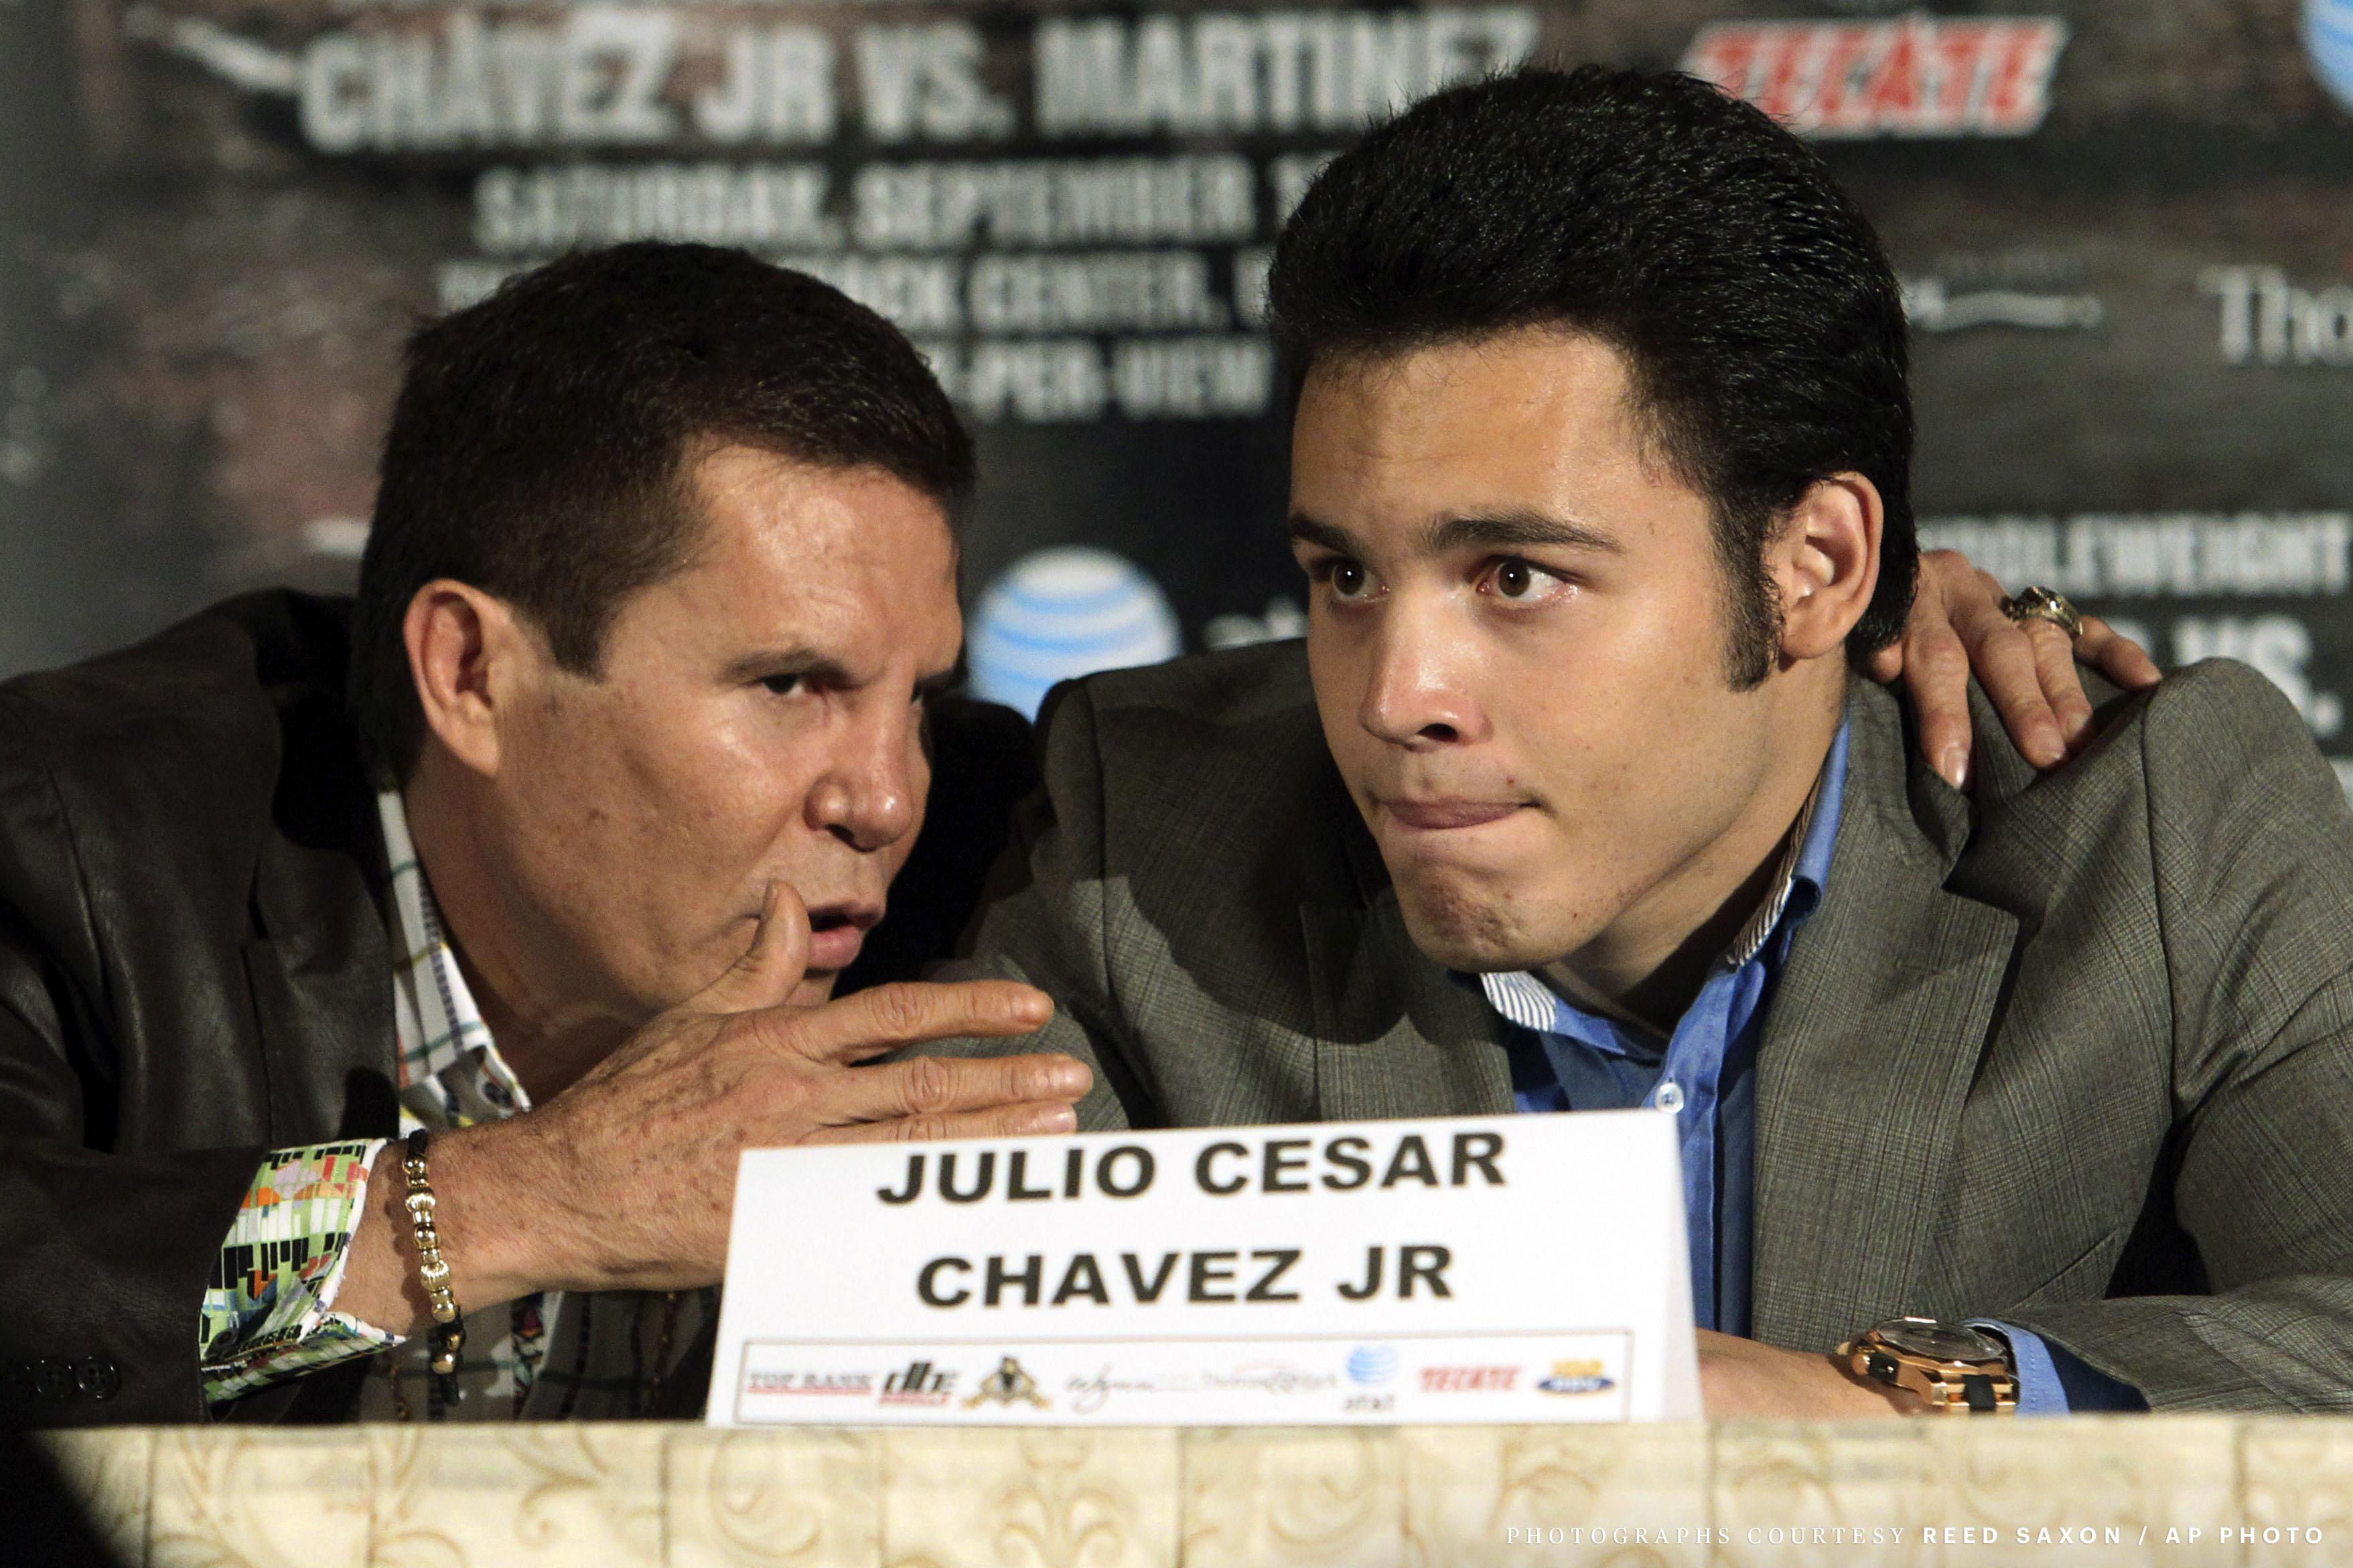 Julio Cesar Chavez Jr., Julio Cesar Chavez